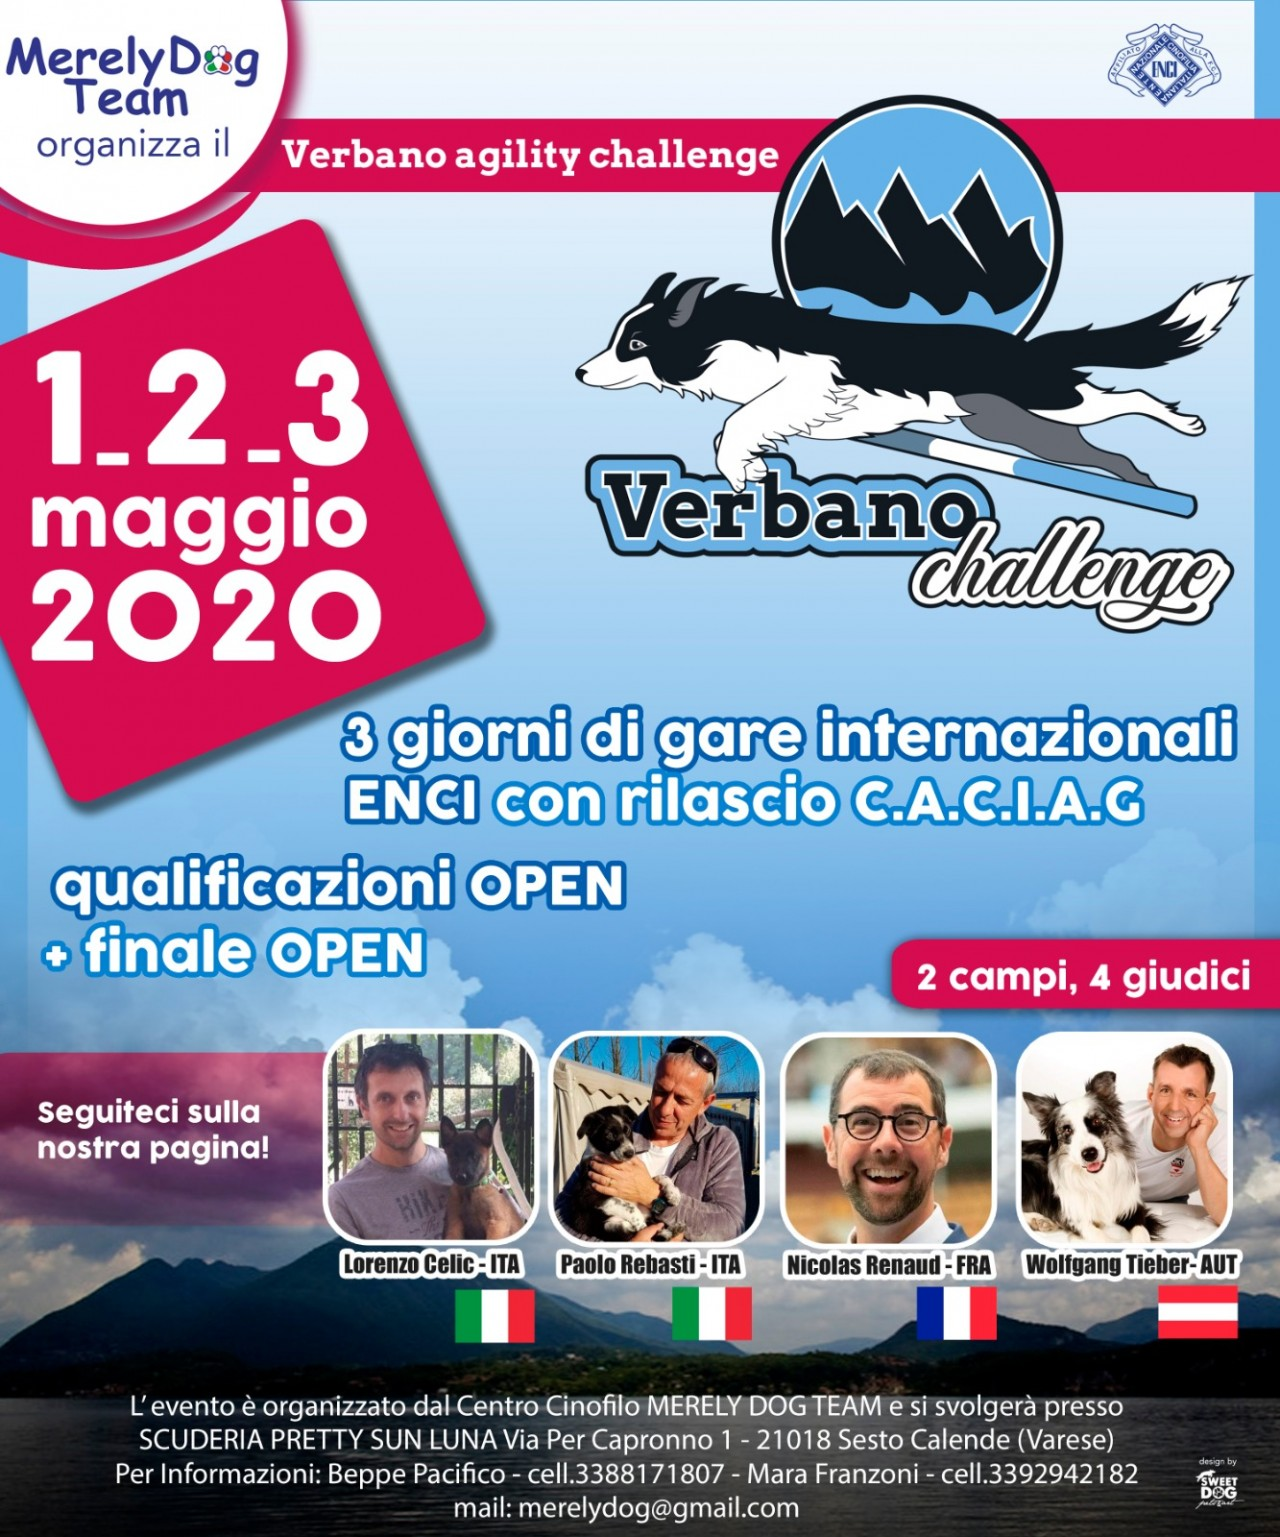 Verbano Challenge Agility Open 3